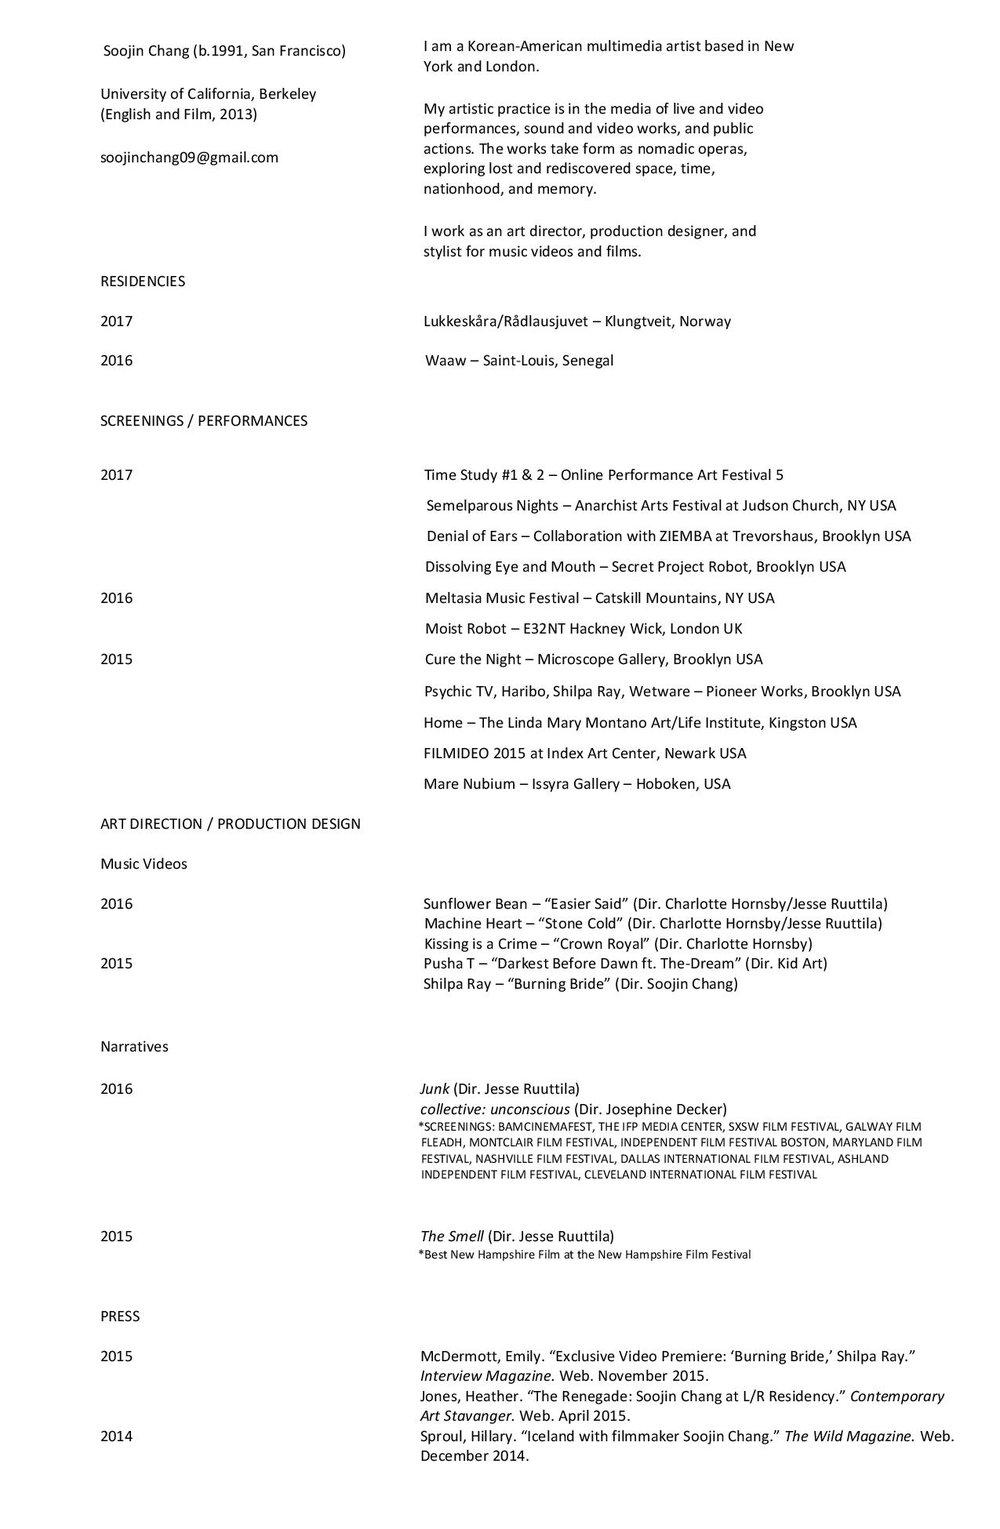 Soojin Chang Resume 2017-page-001 (2).jpg